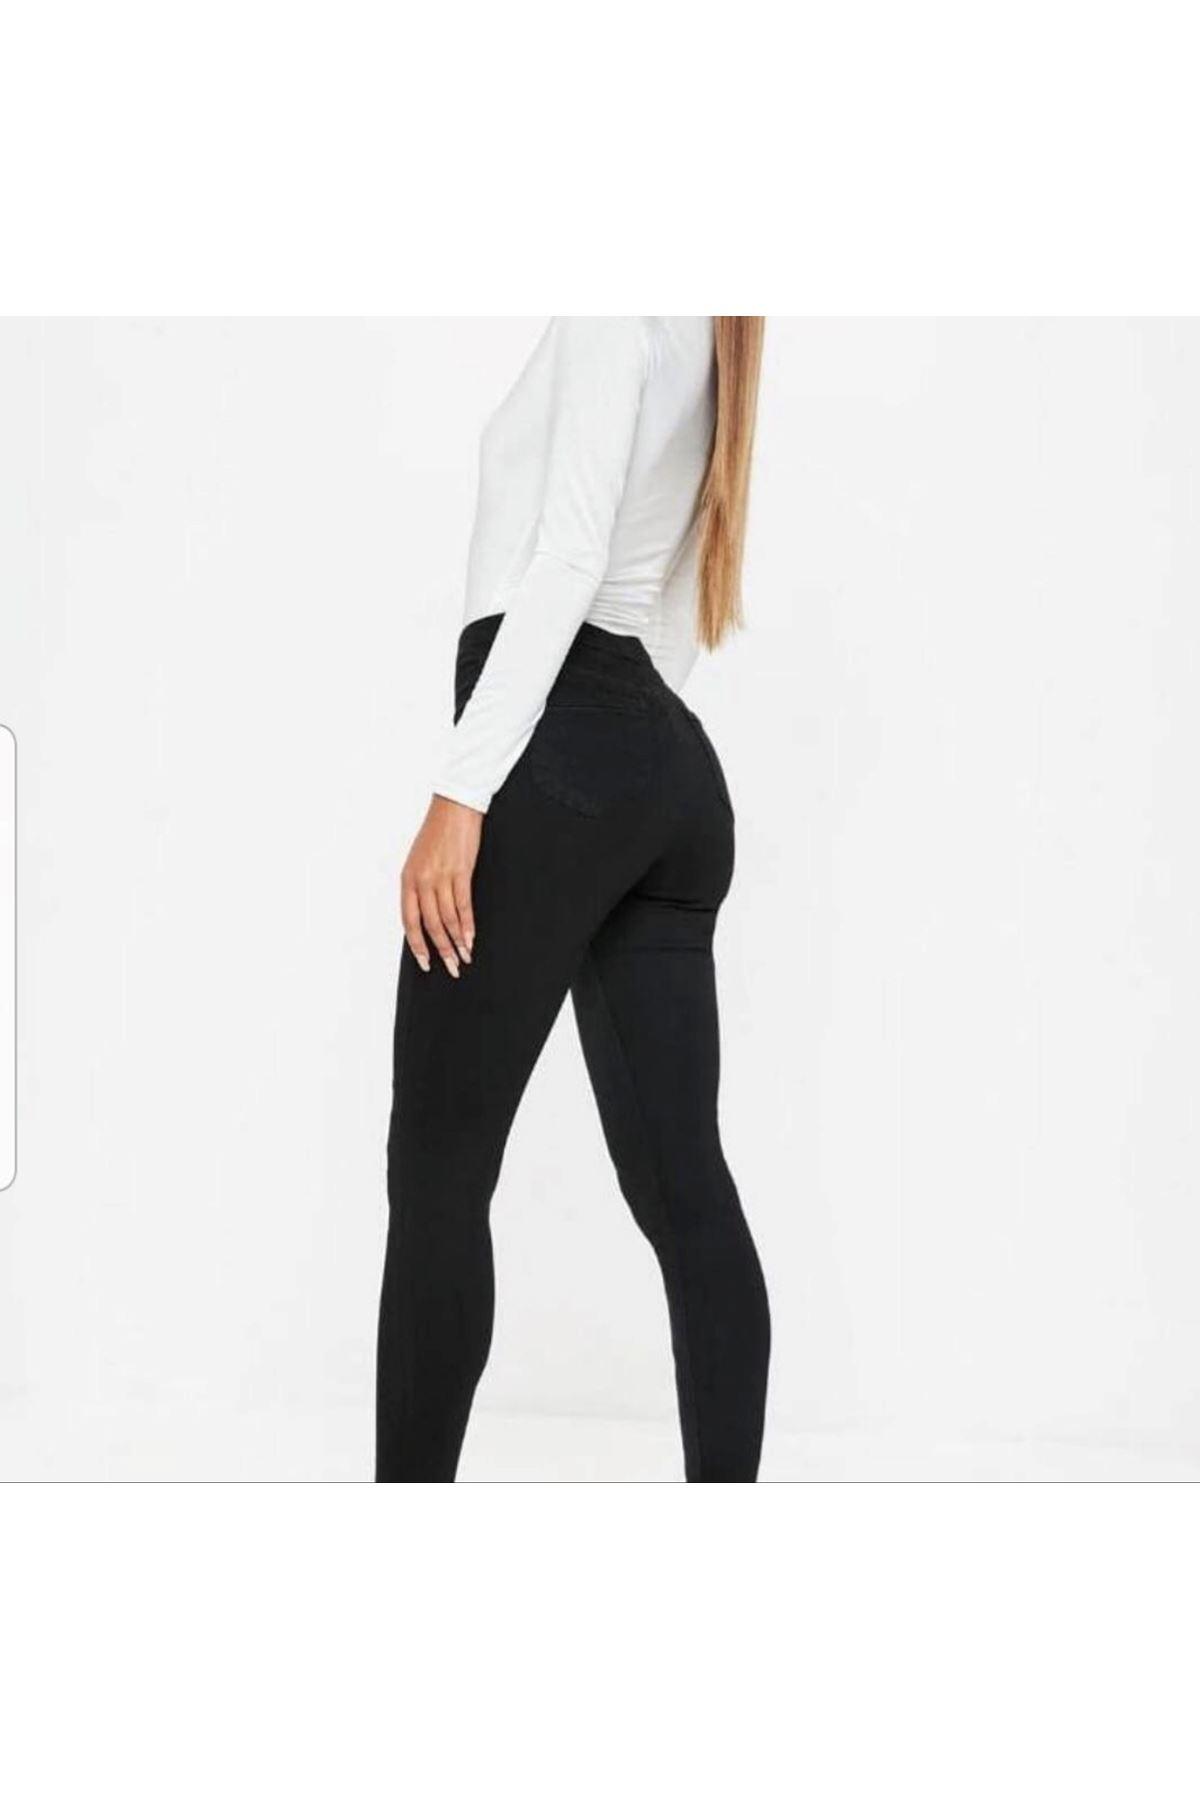 Siyah yüksek bel cepsiz skinny jean